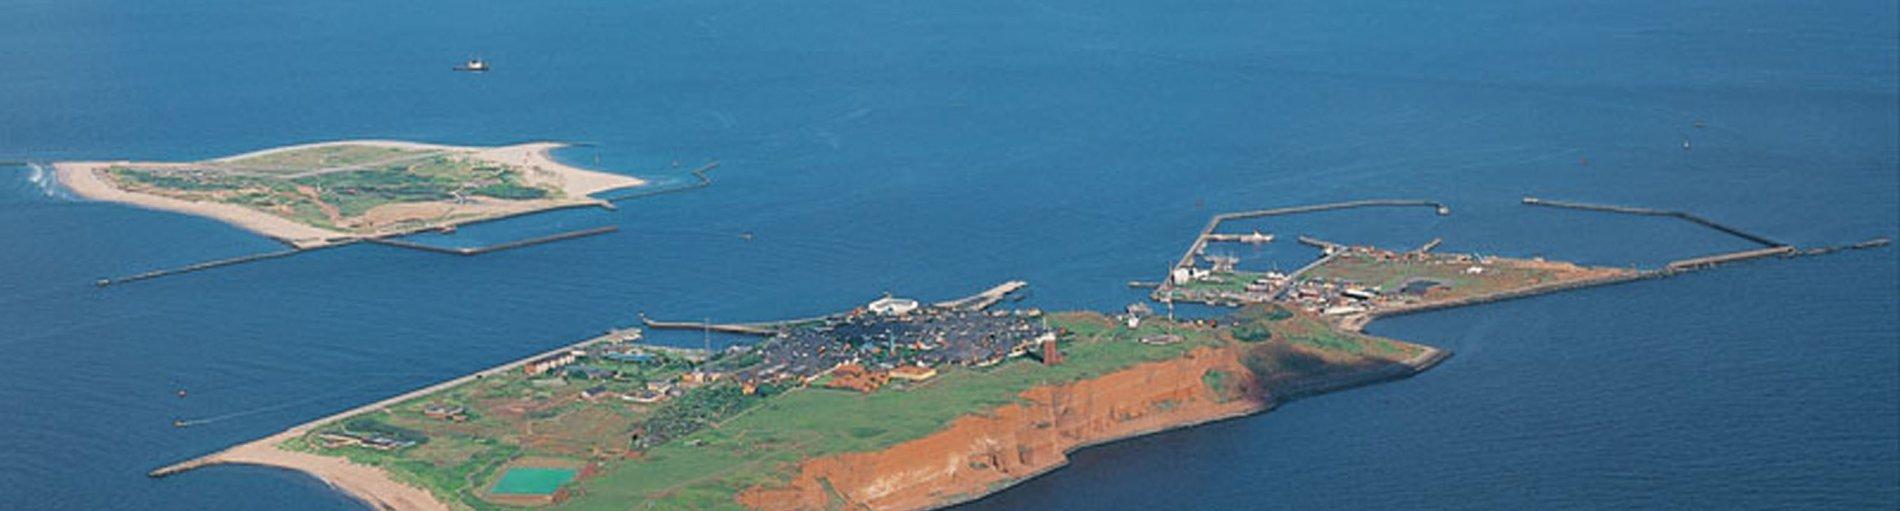 Eine Luftaufnahme der kompletten Insel und der Helgoland-Düne oben links im Bild. Quelle: Kurverwaltung Helgoland